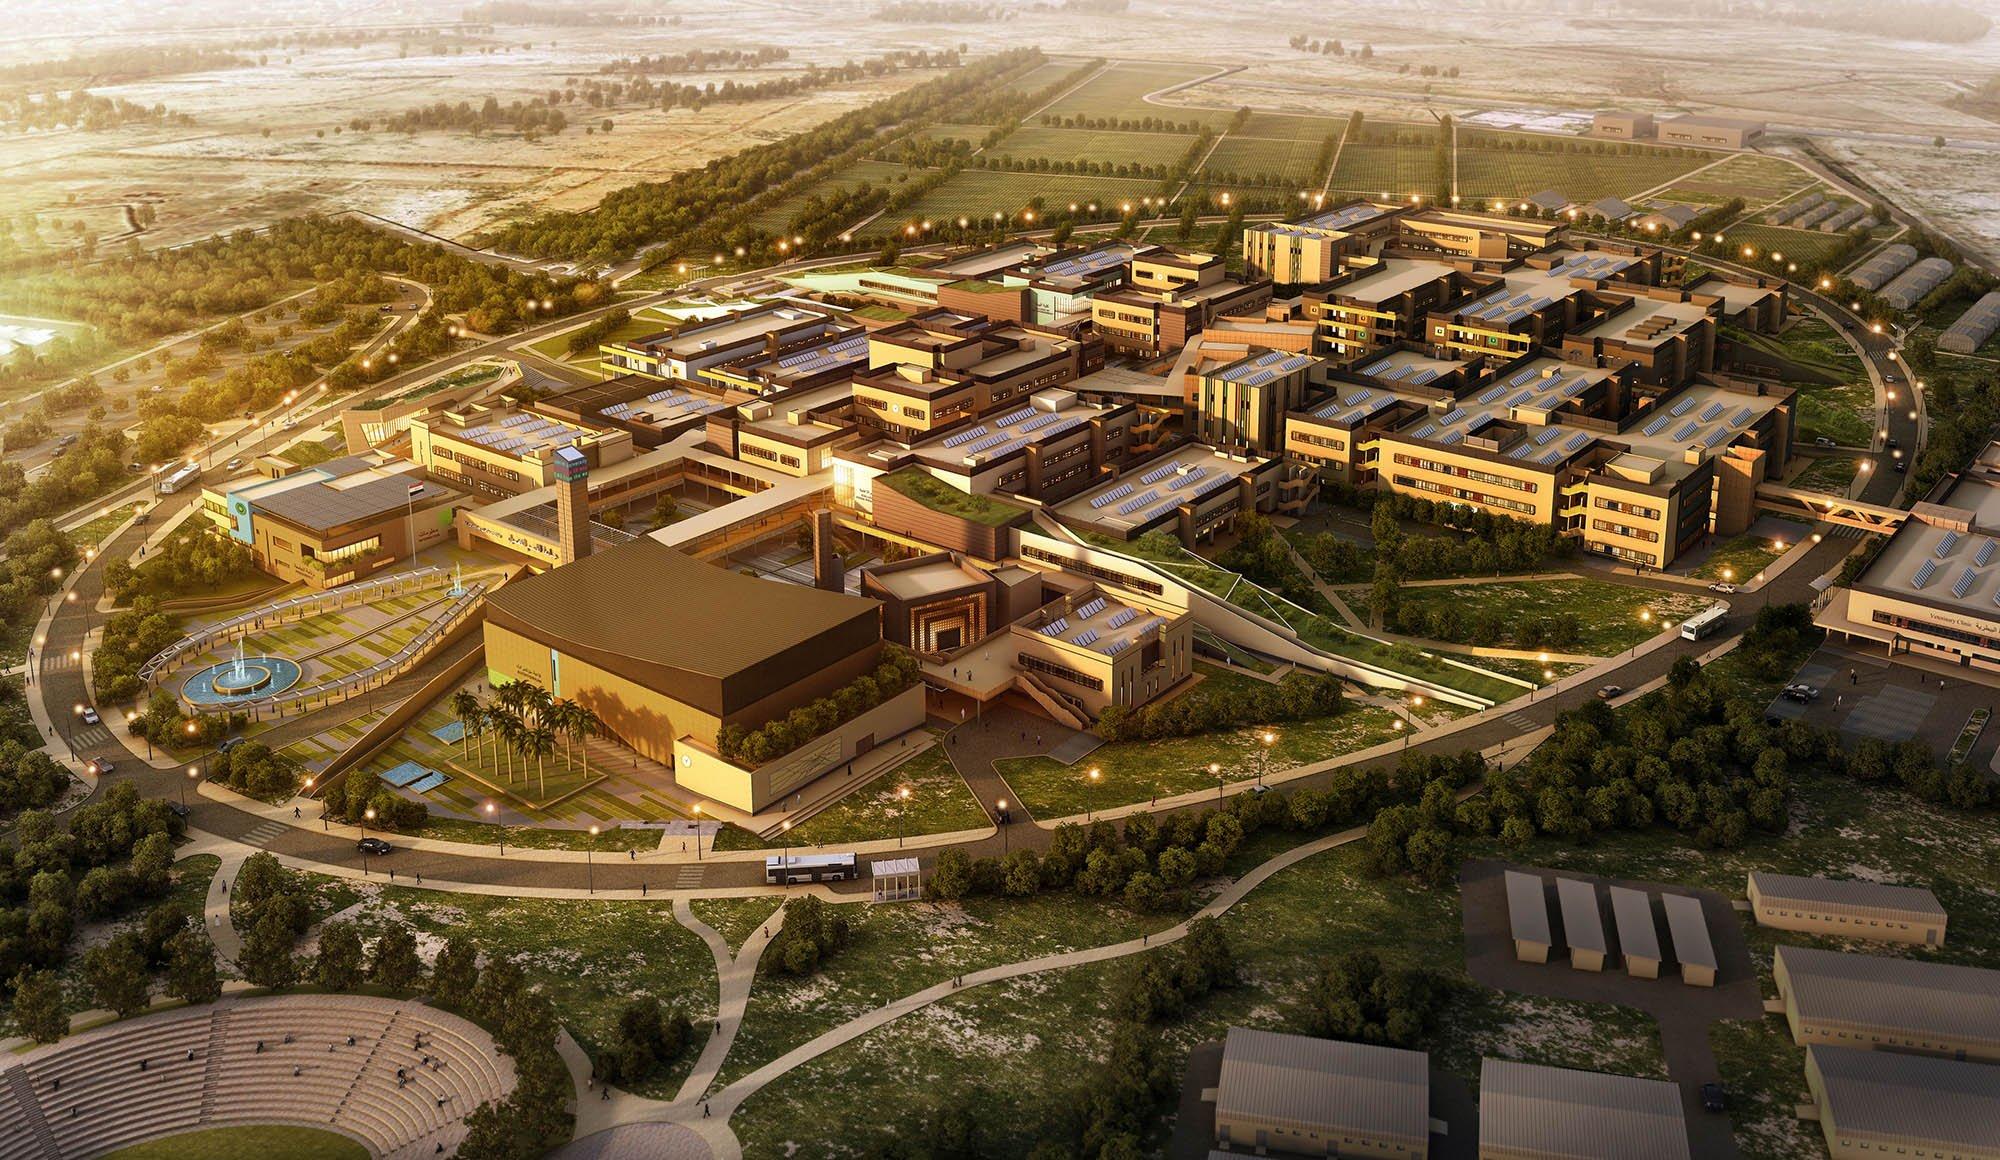 Vista aerea del campus